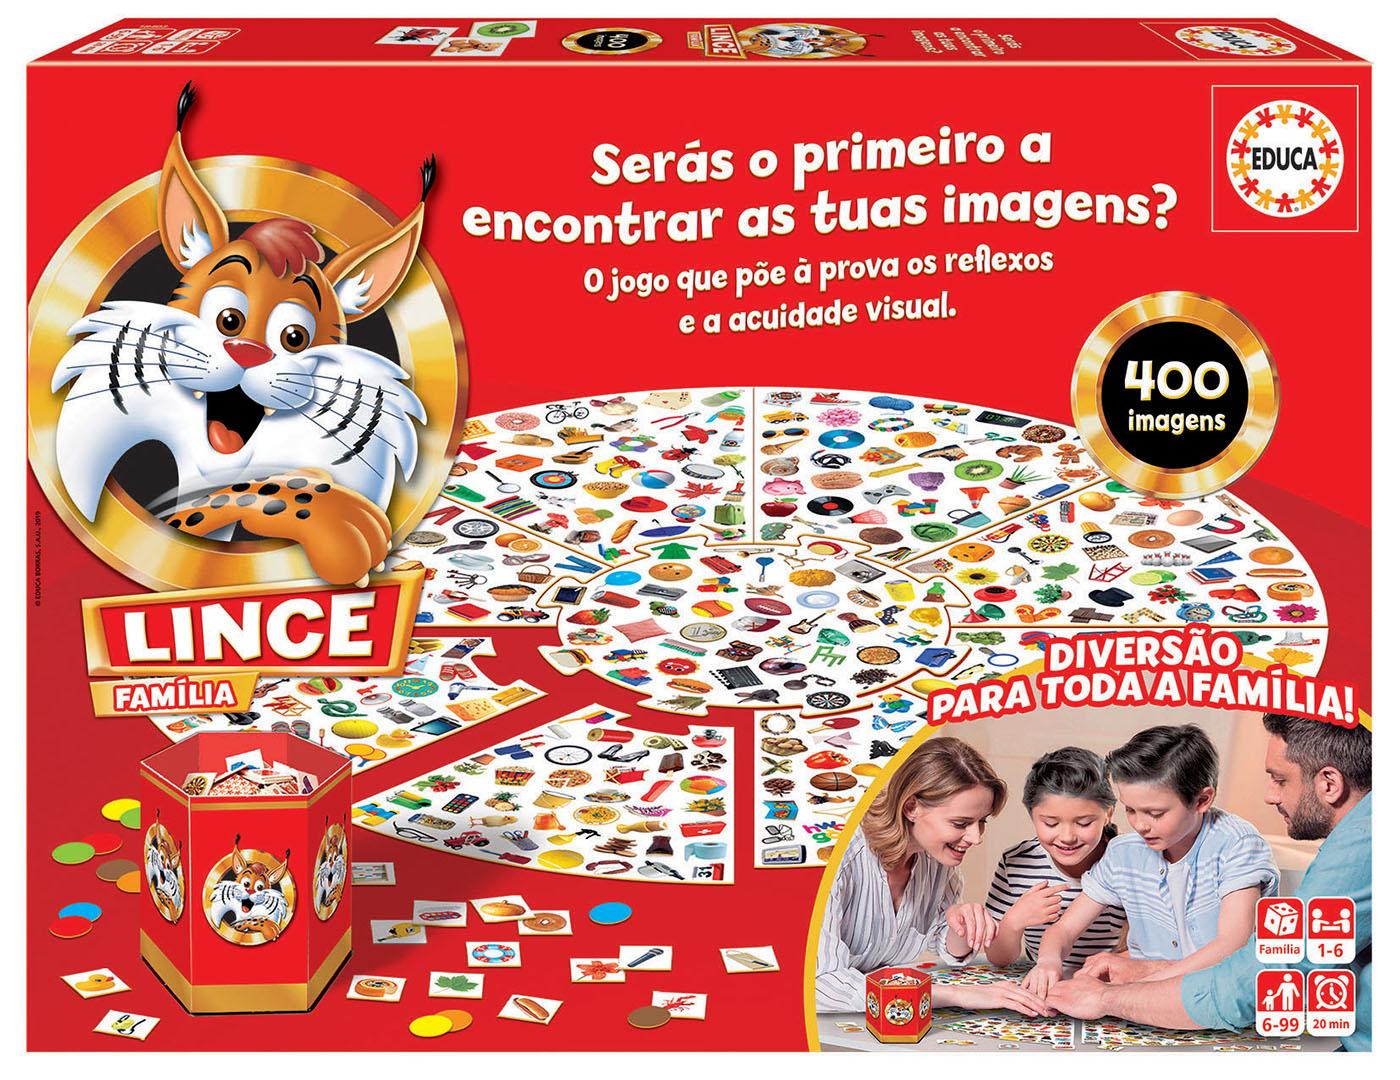 Lince Família 400 Imagens